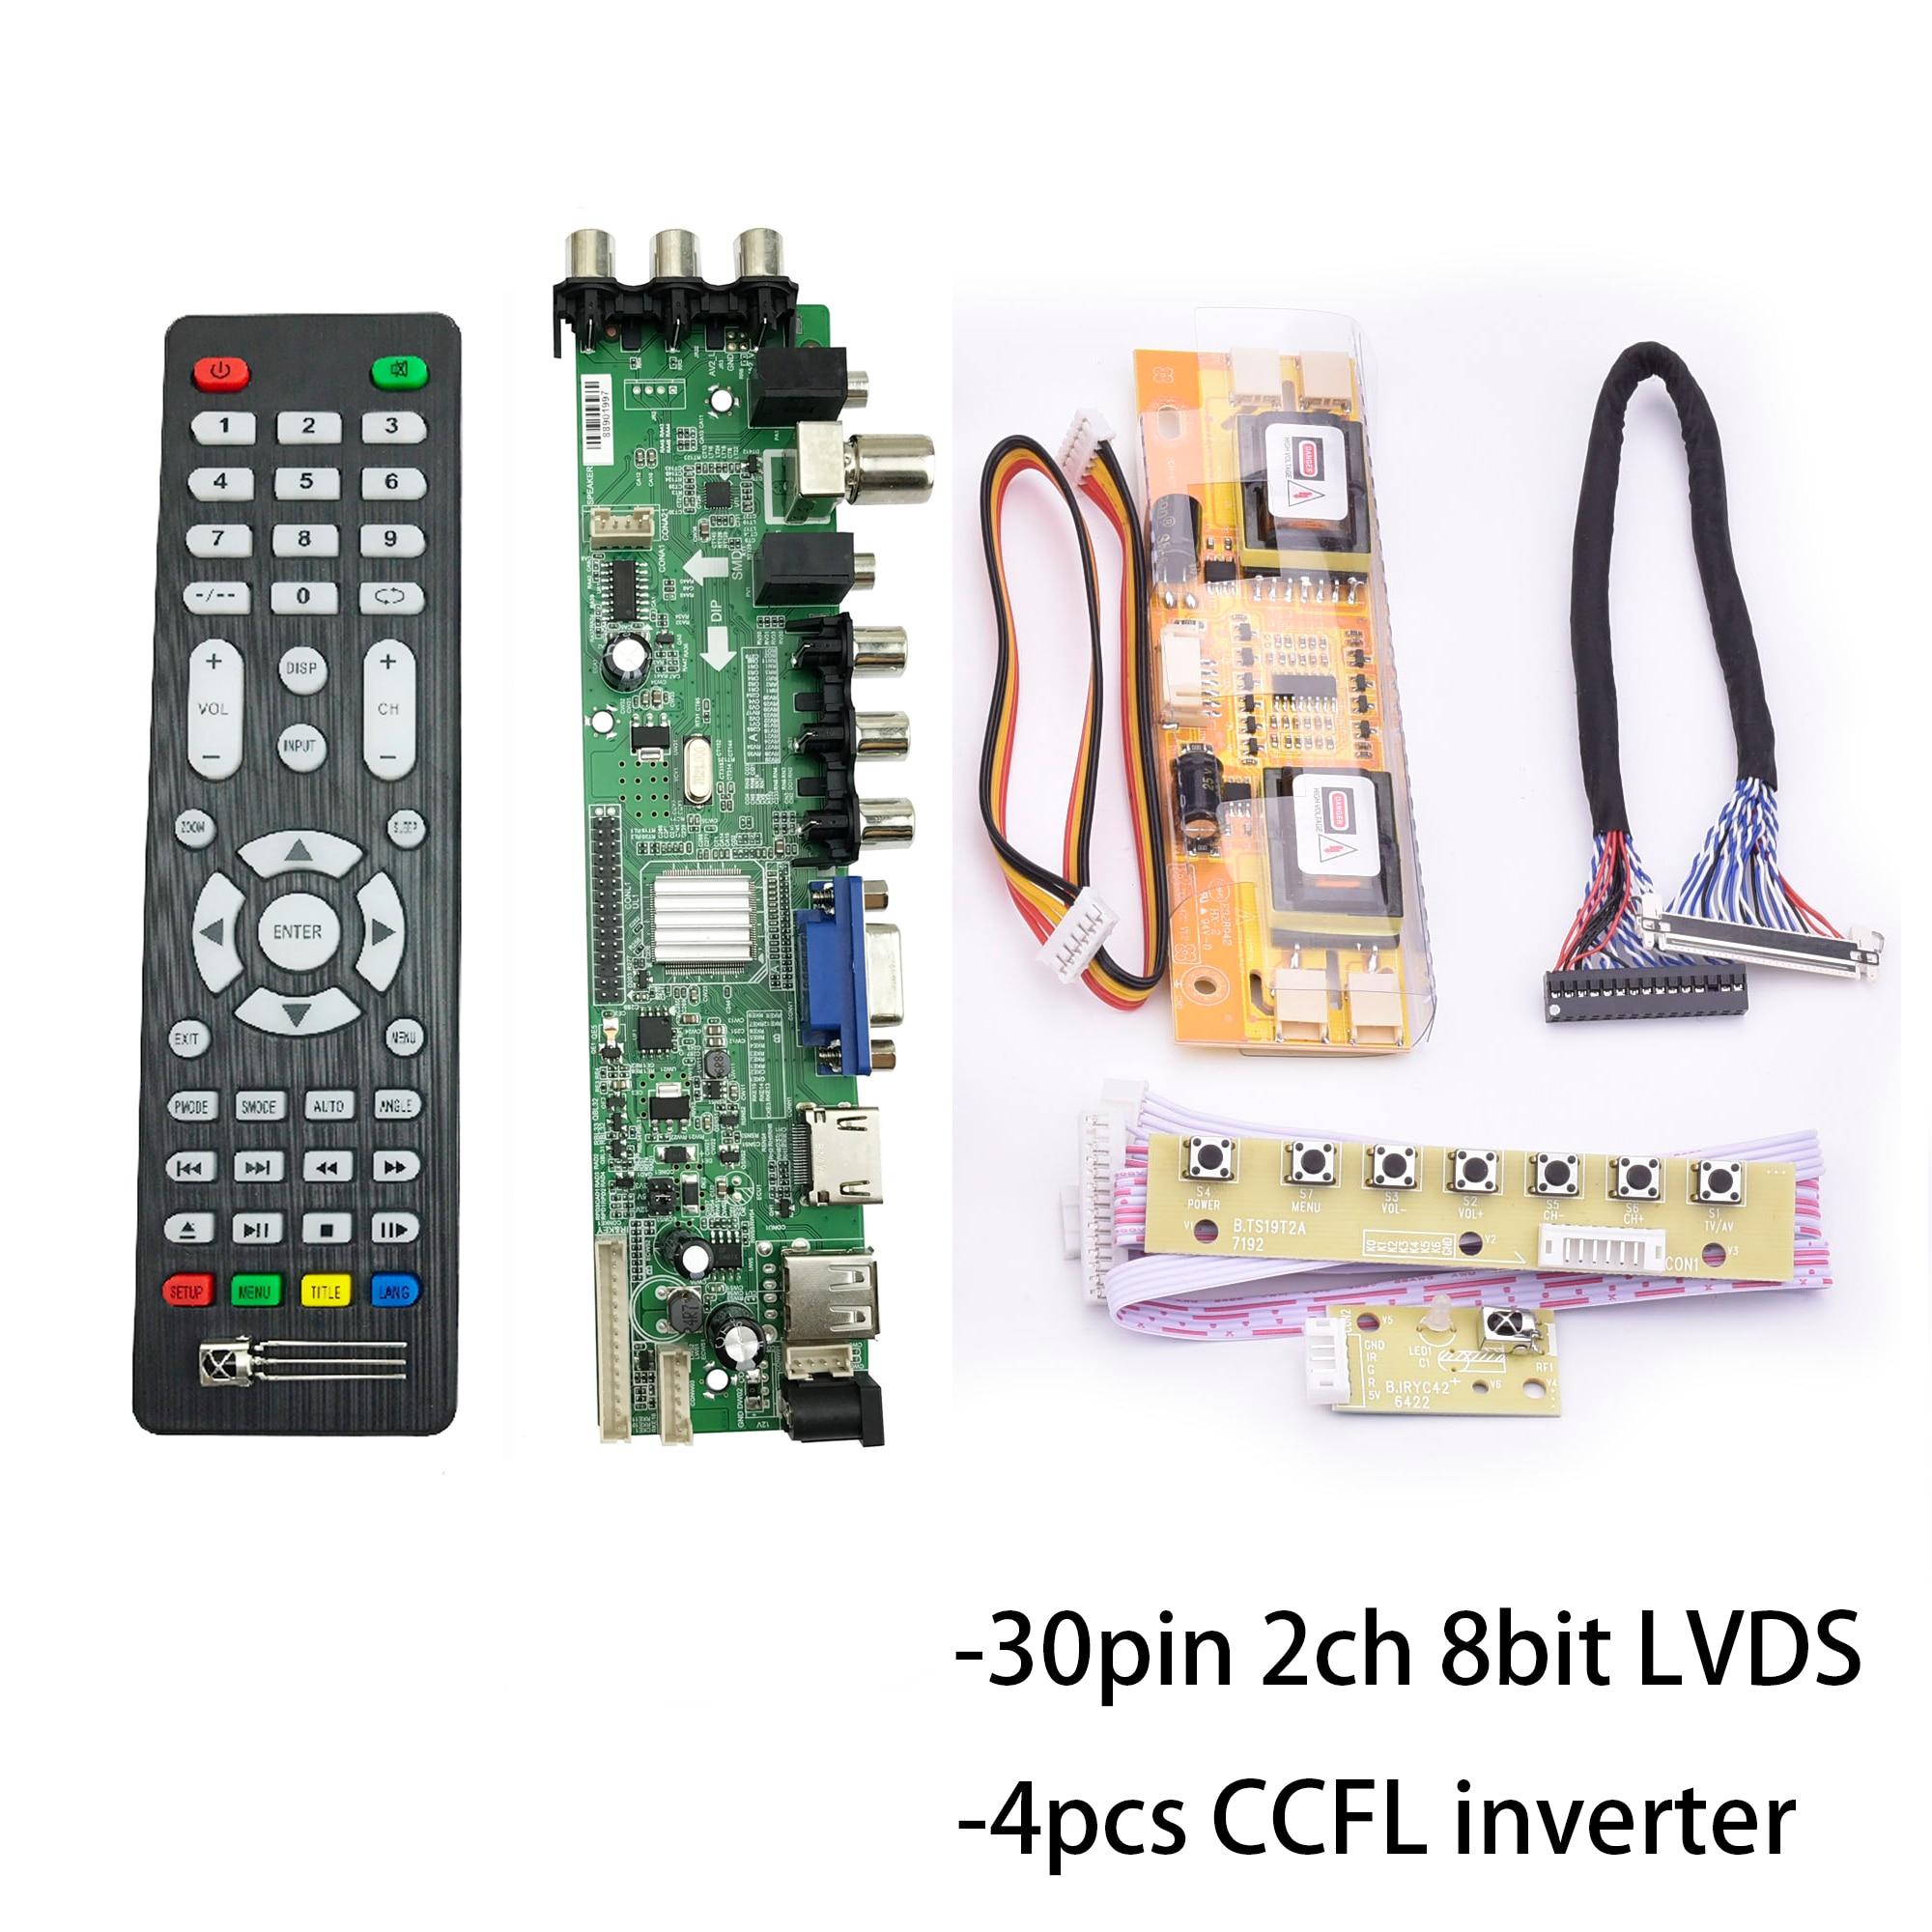 A81 D3663lua DVB-C dvb t2 DVB-T/T2 Universal LCD LED TV Placa de Driver de Controlador kit completo para 17